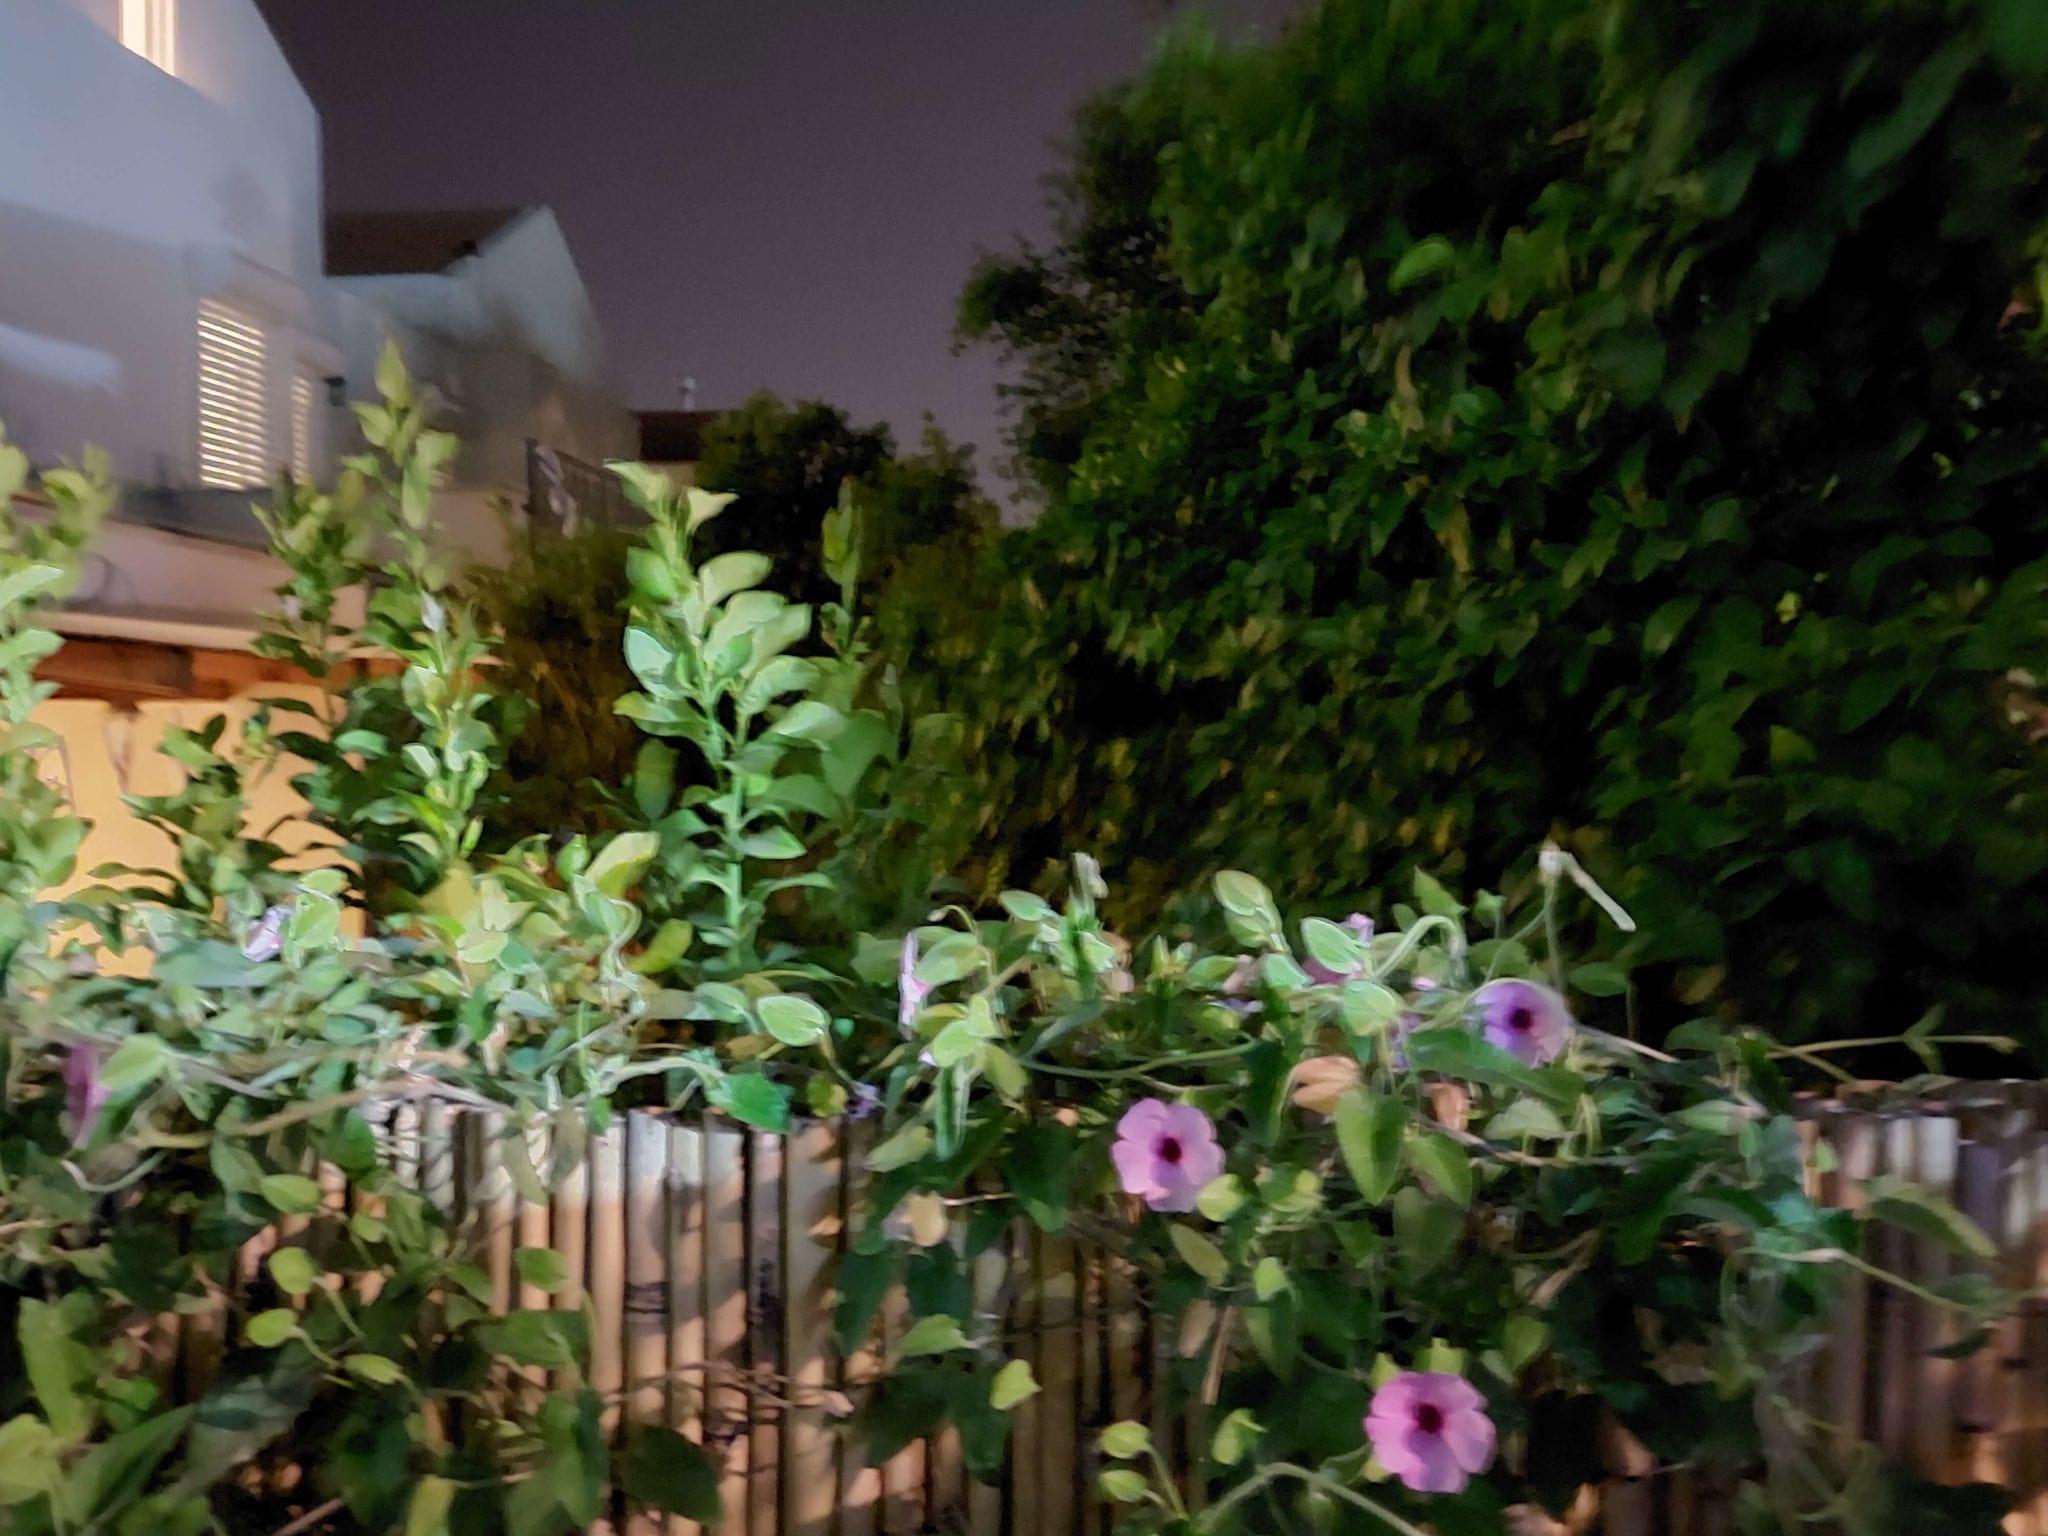 צילום לילה בגלקסי A52. צילום: דפנה הראל כפיר